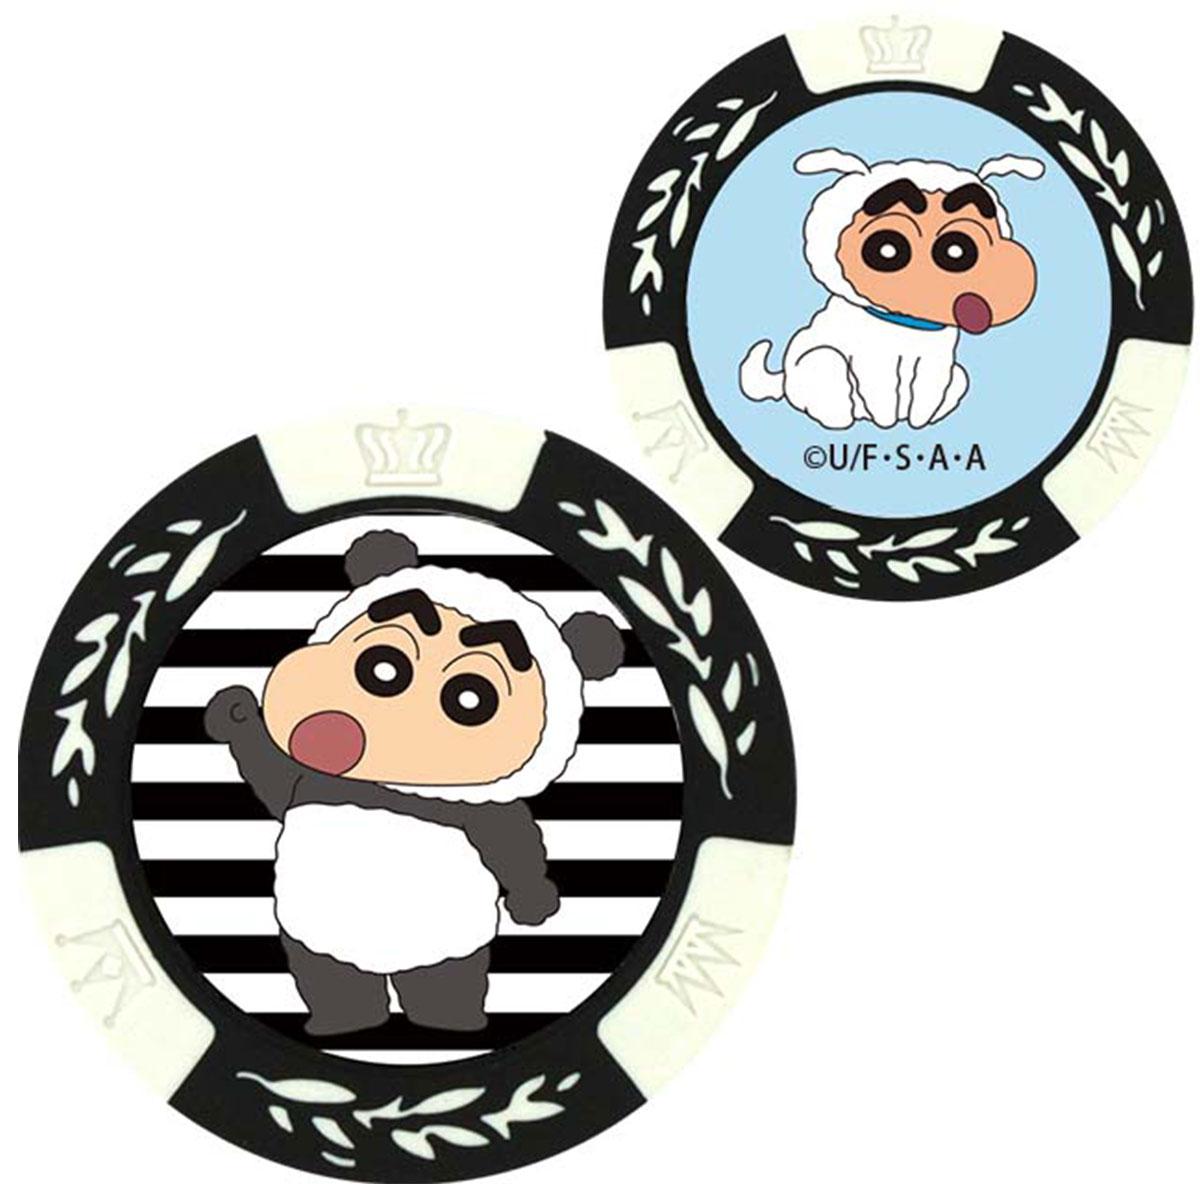 ホクシン交易 クレヨンしんちゃん カジノチップマーカー